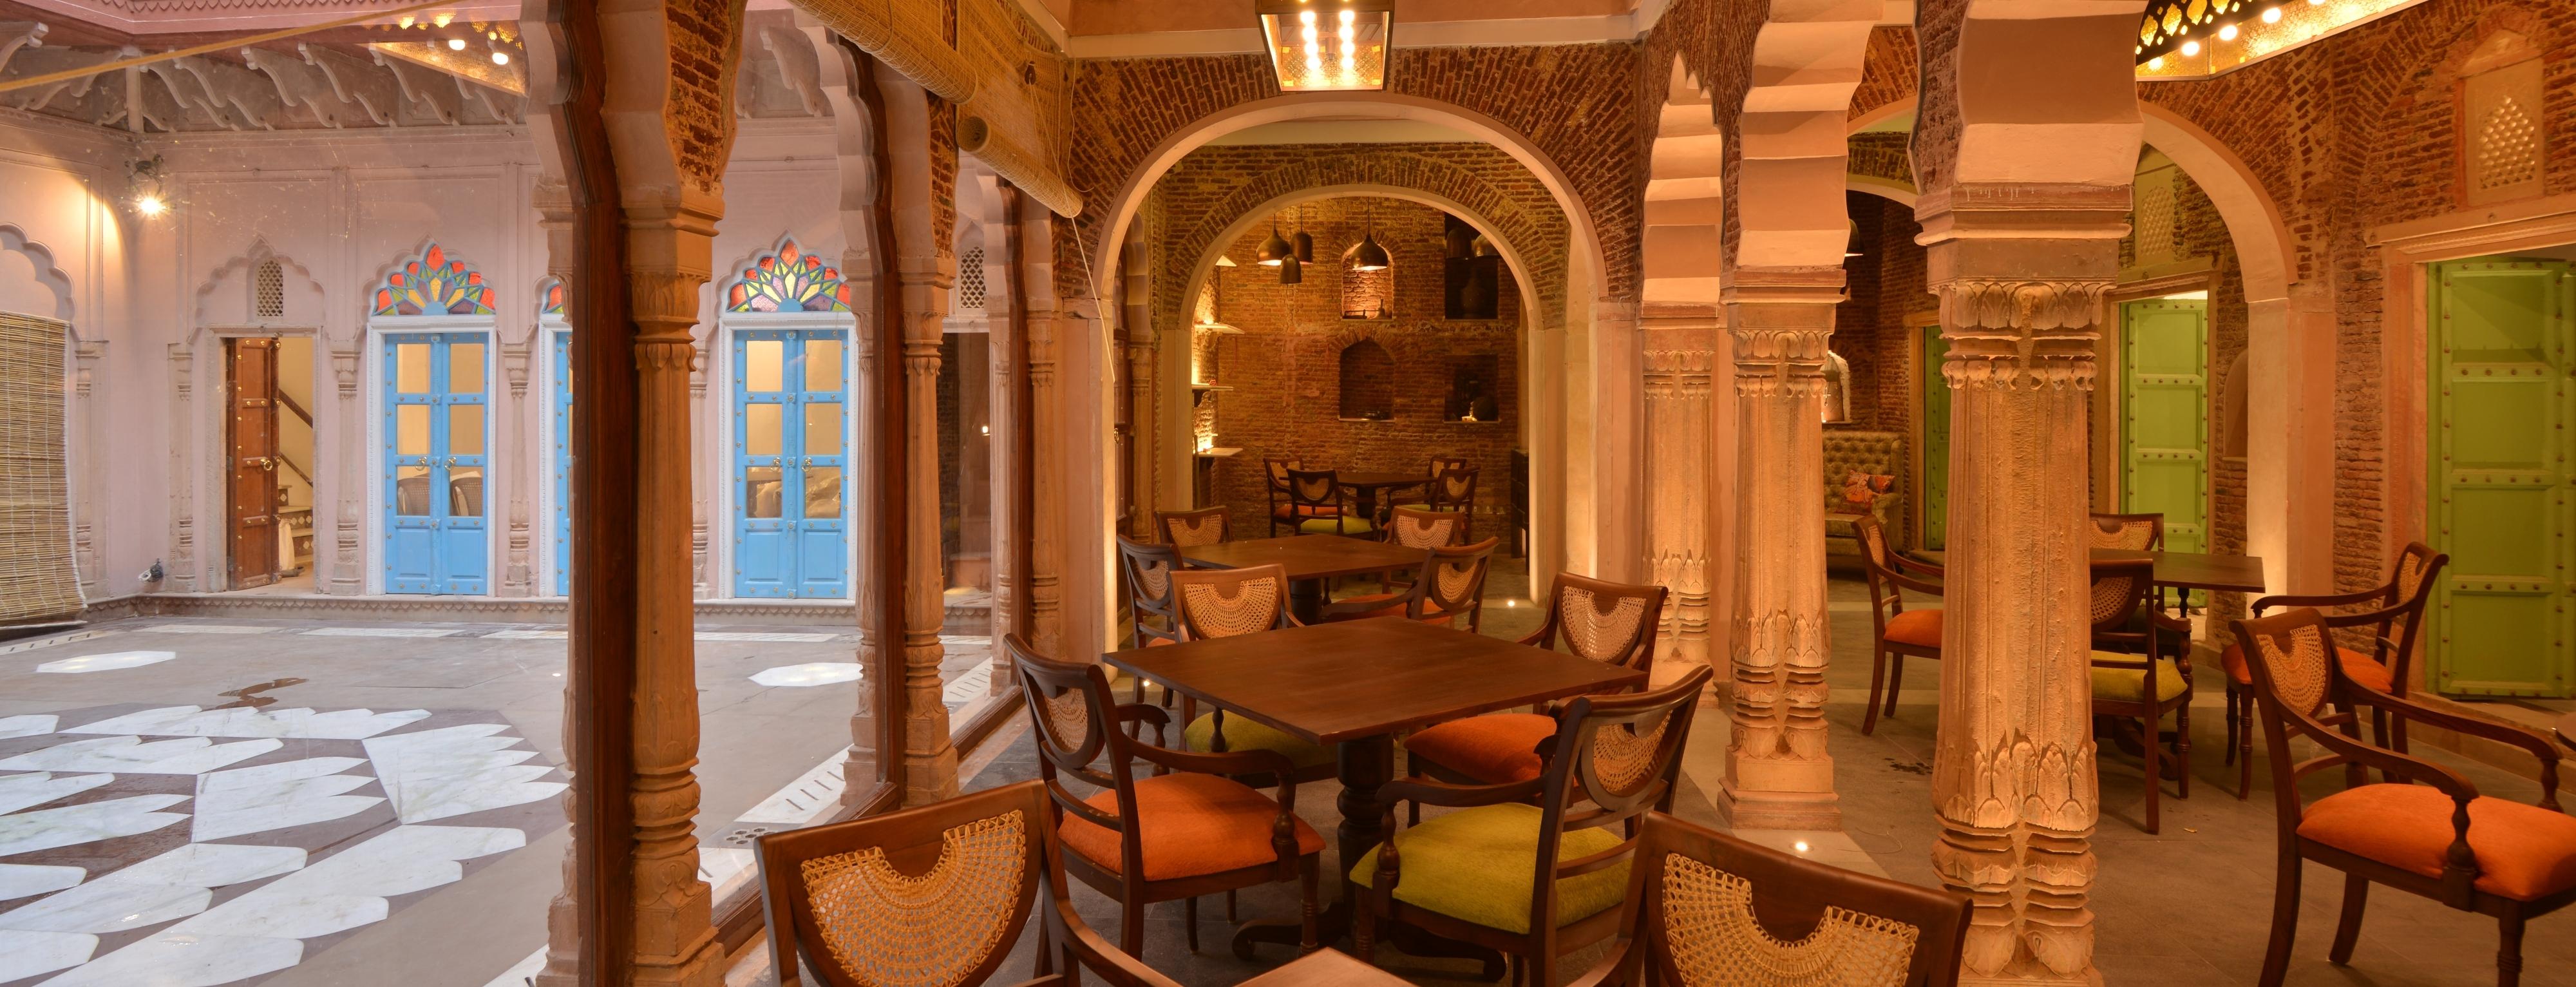 Haveli-Dharampura-restaurant